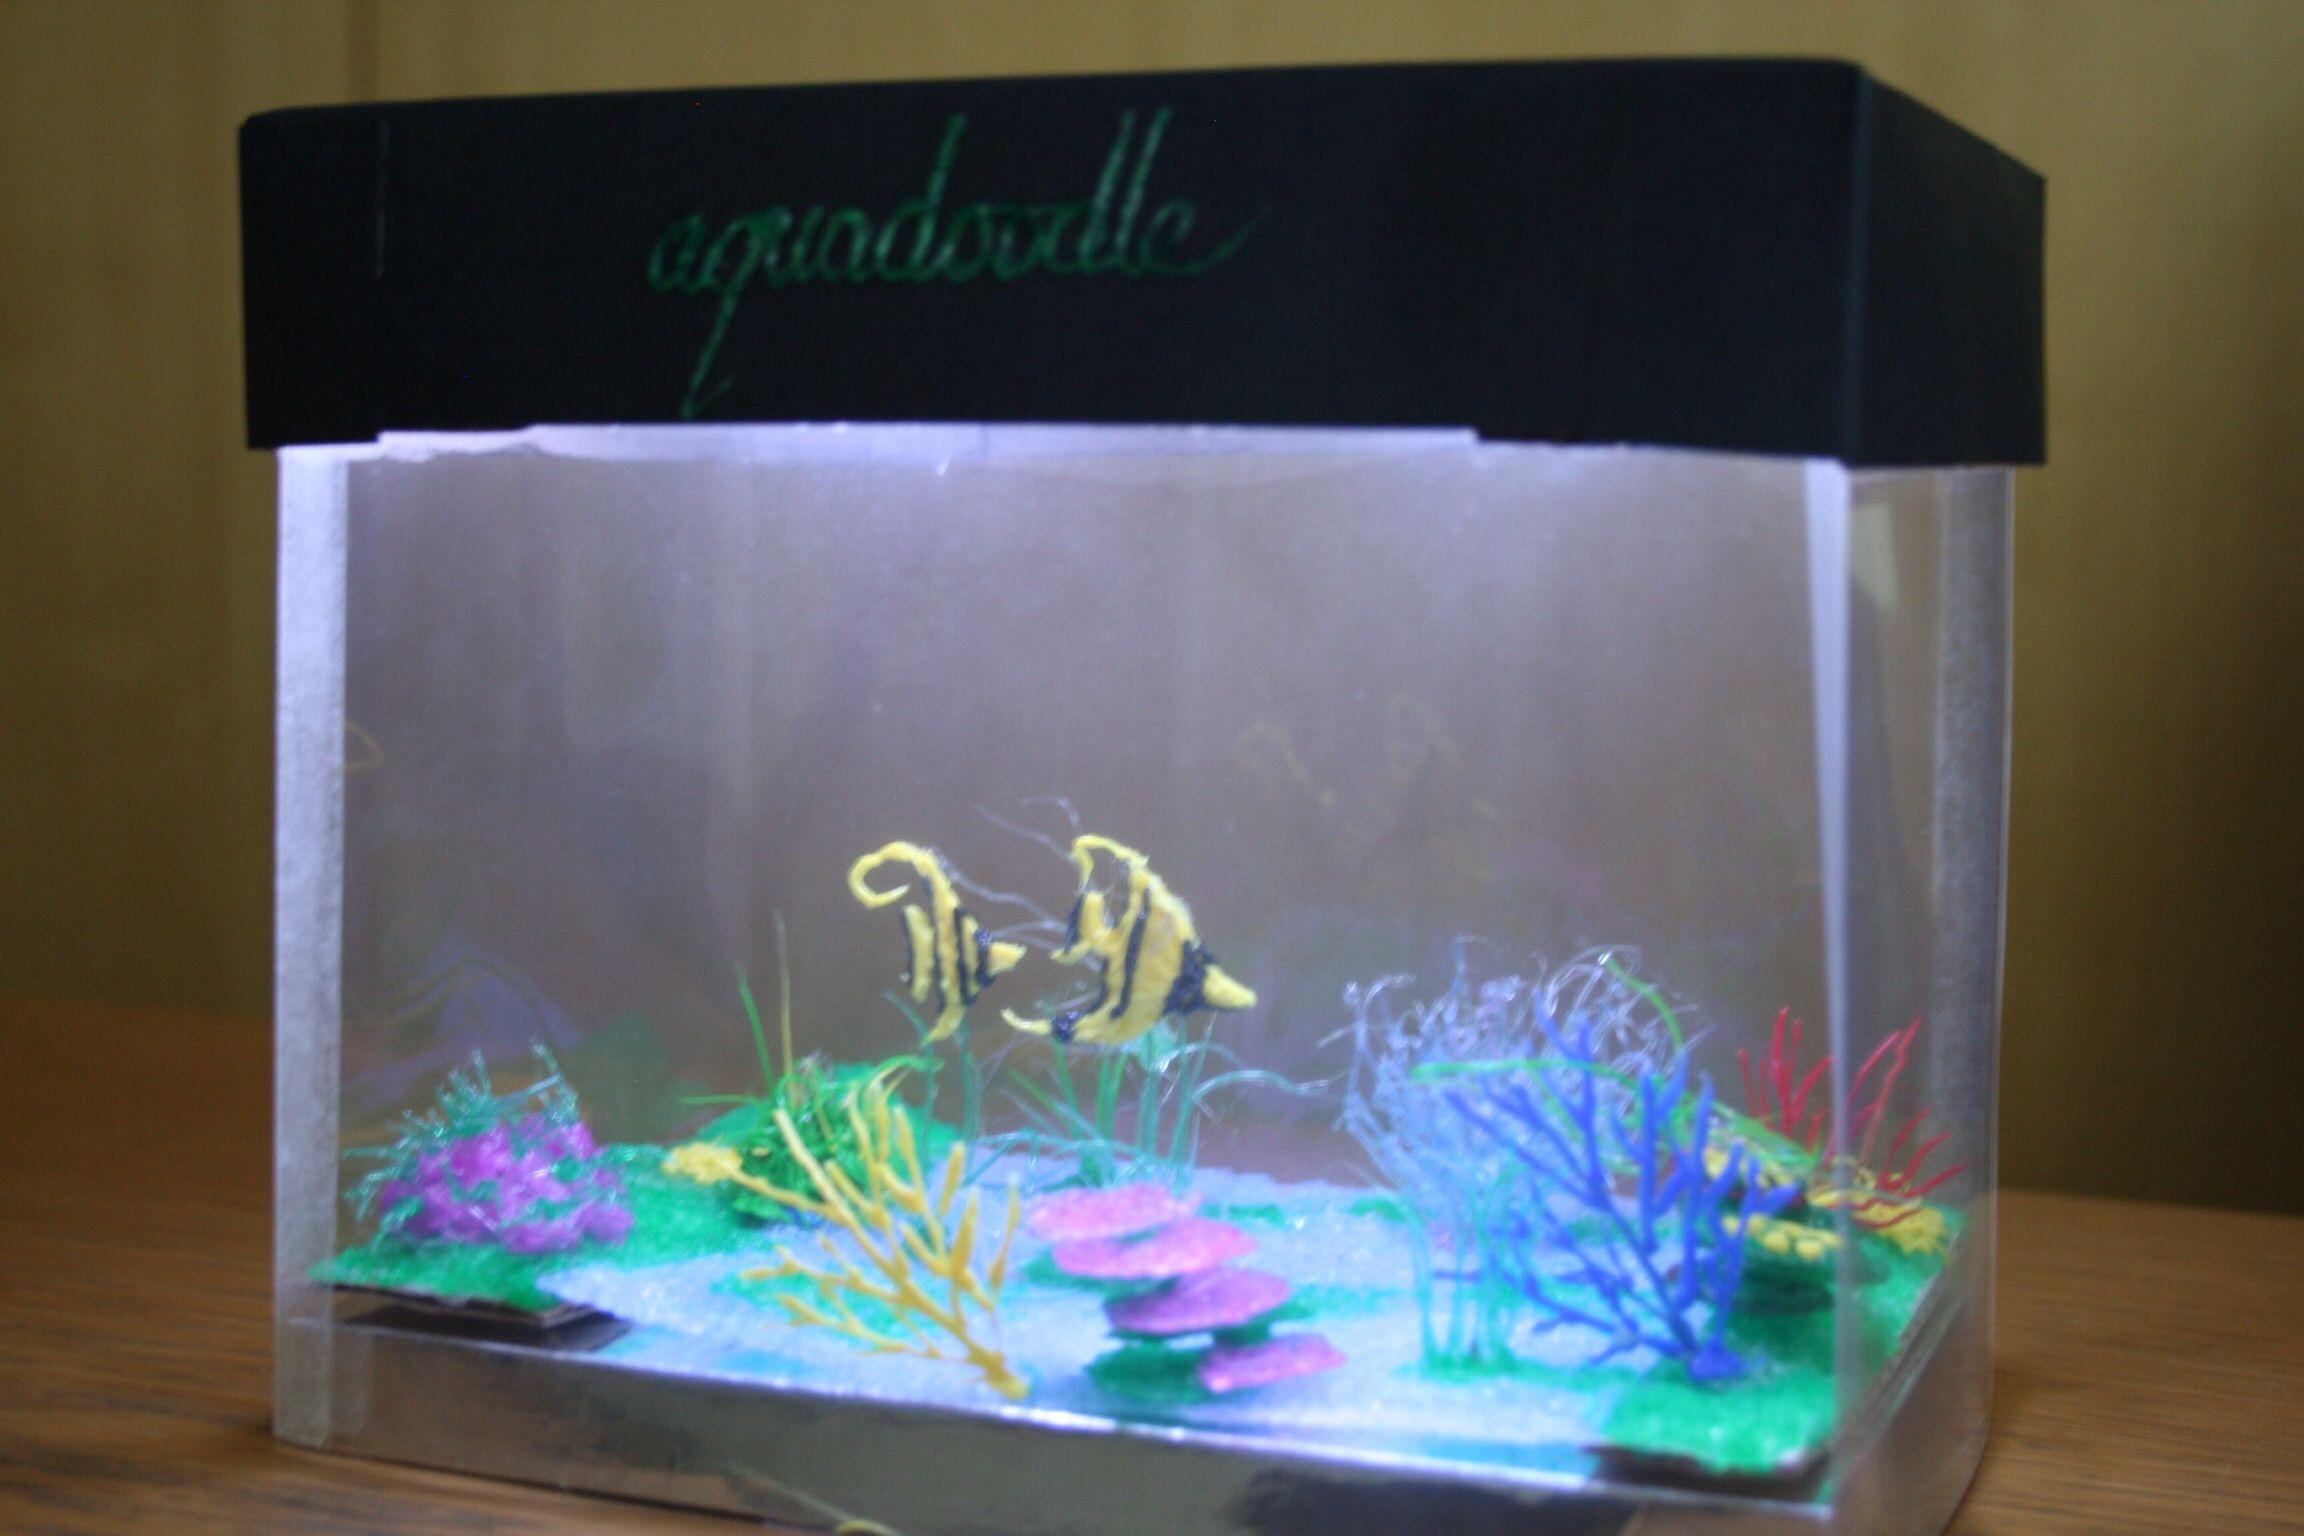 e300e96d1f36fb4696ef64c4ea22cf52 Frais De Fabriquer Aquarium Concept